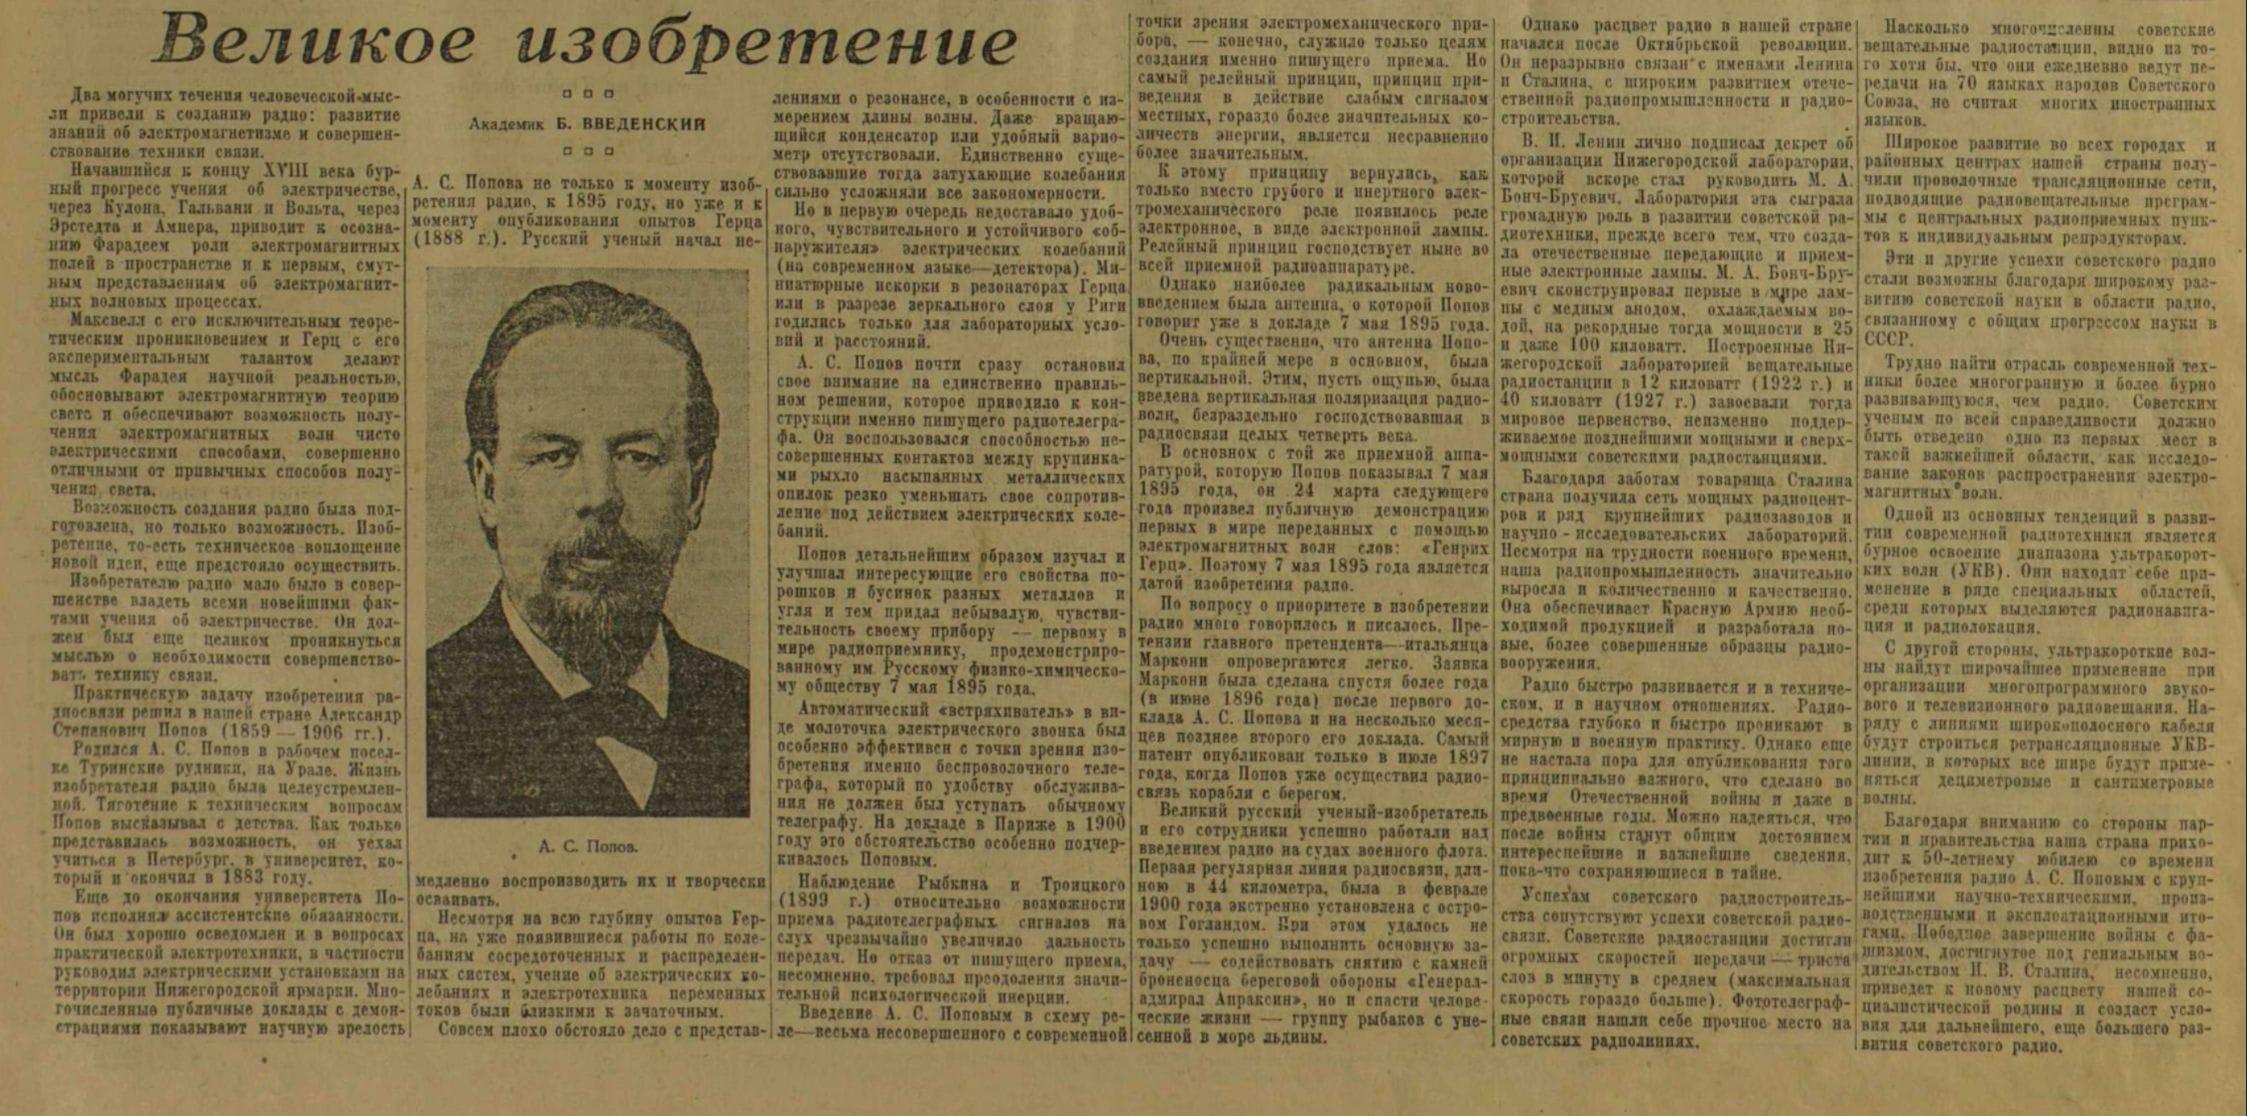 Великое изобретение. Академик Б. Введенский (Газета «Известия» от 06 мая 1945 года)